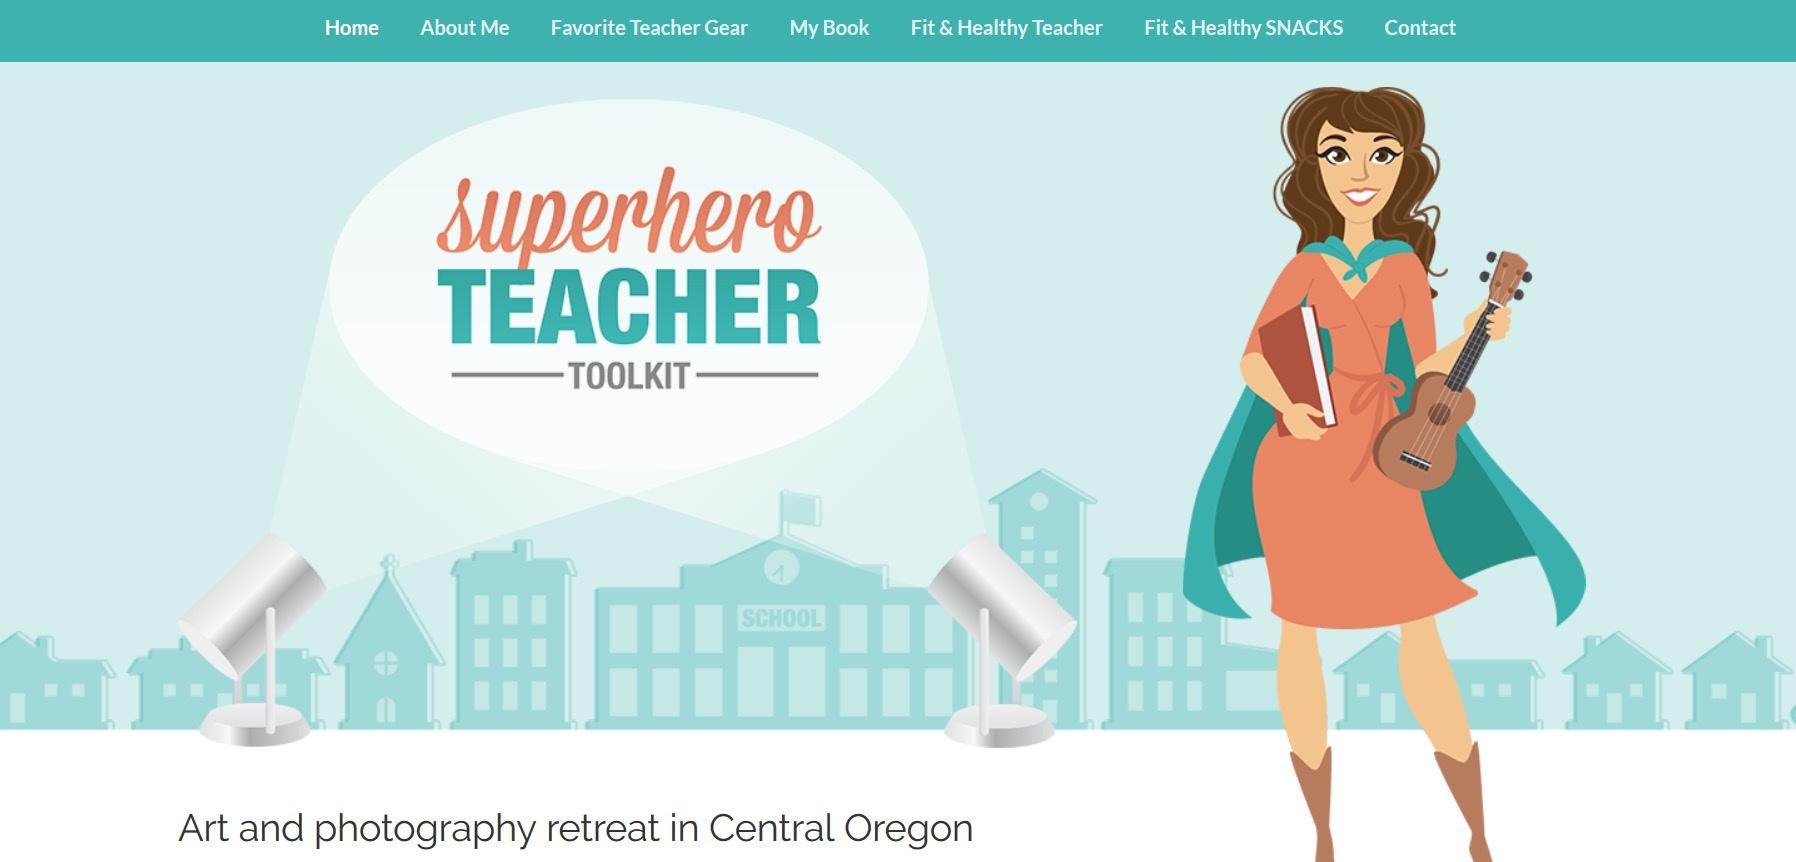 custom branded website: Superhero Teacher